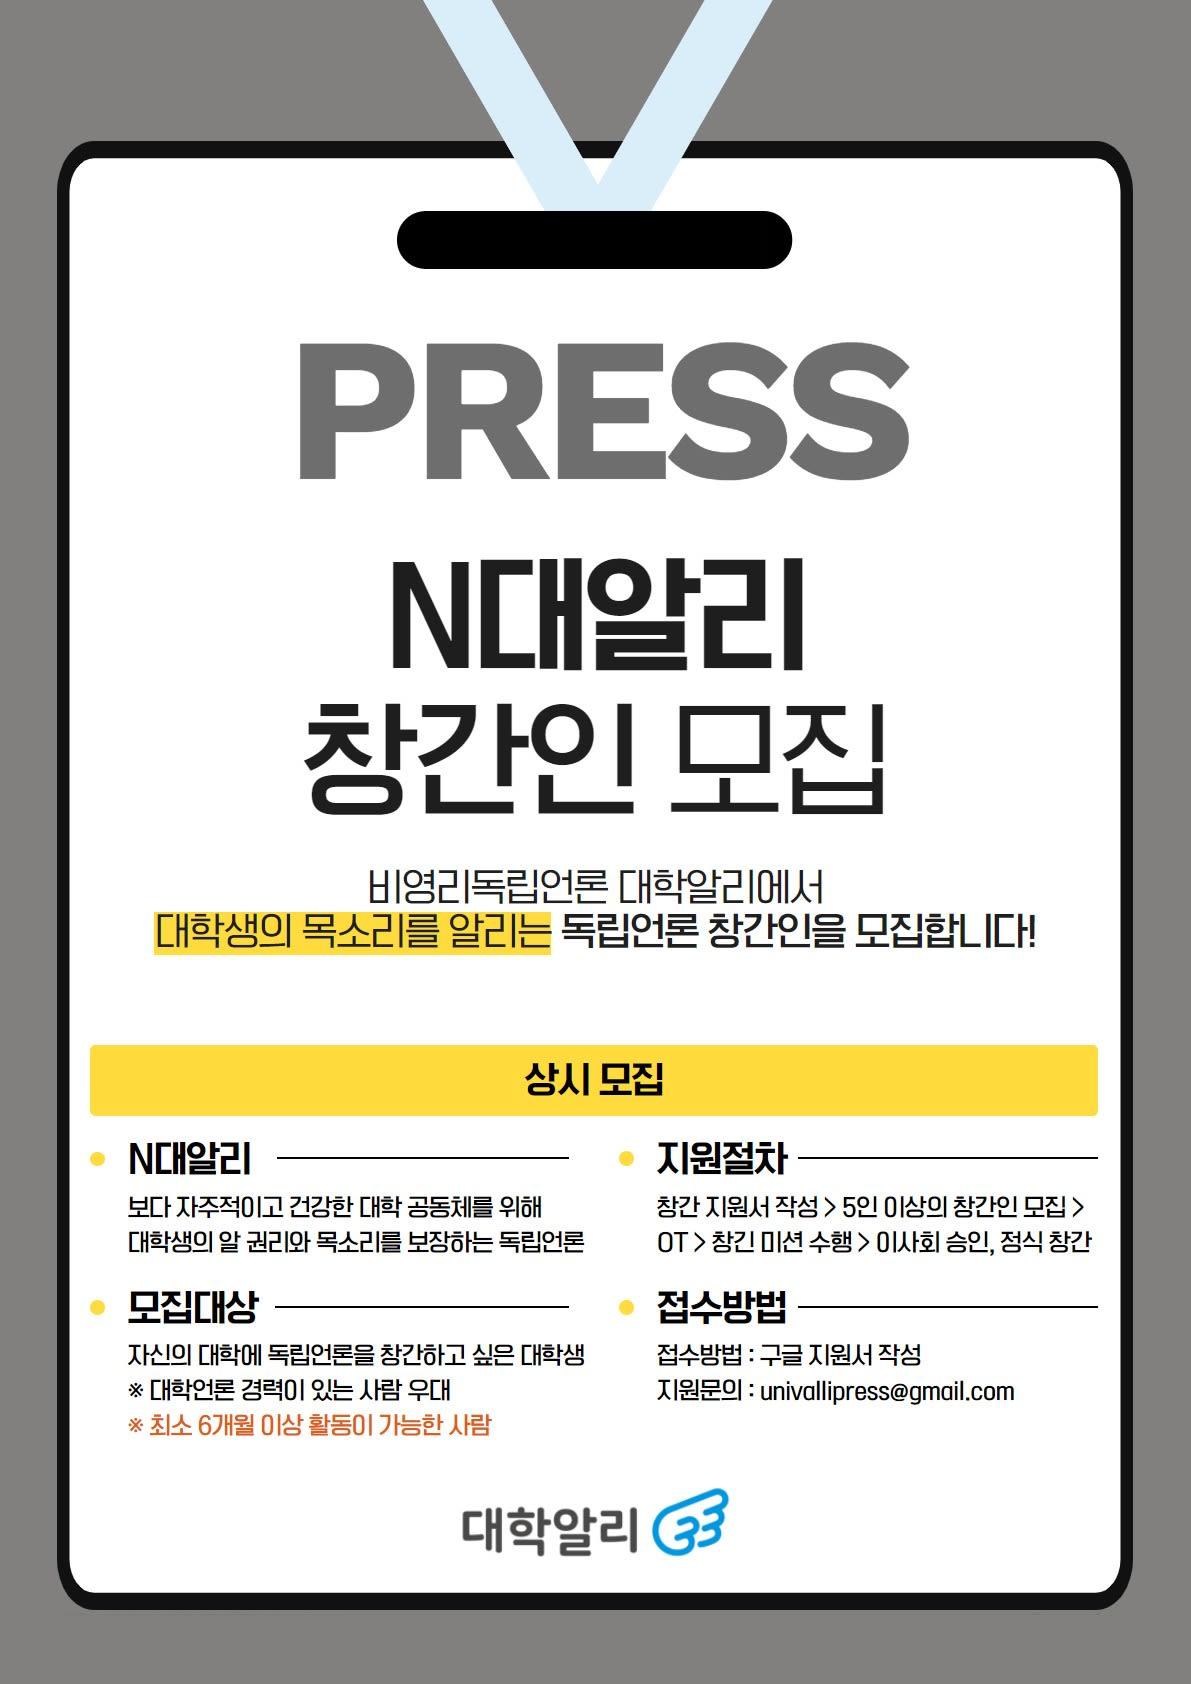 독립언론 <N대알리> 창간인 모집